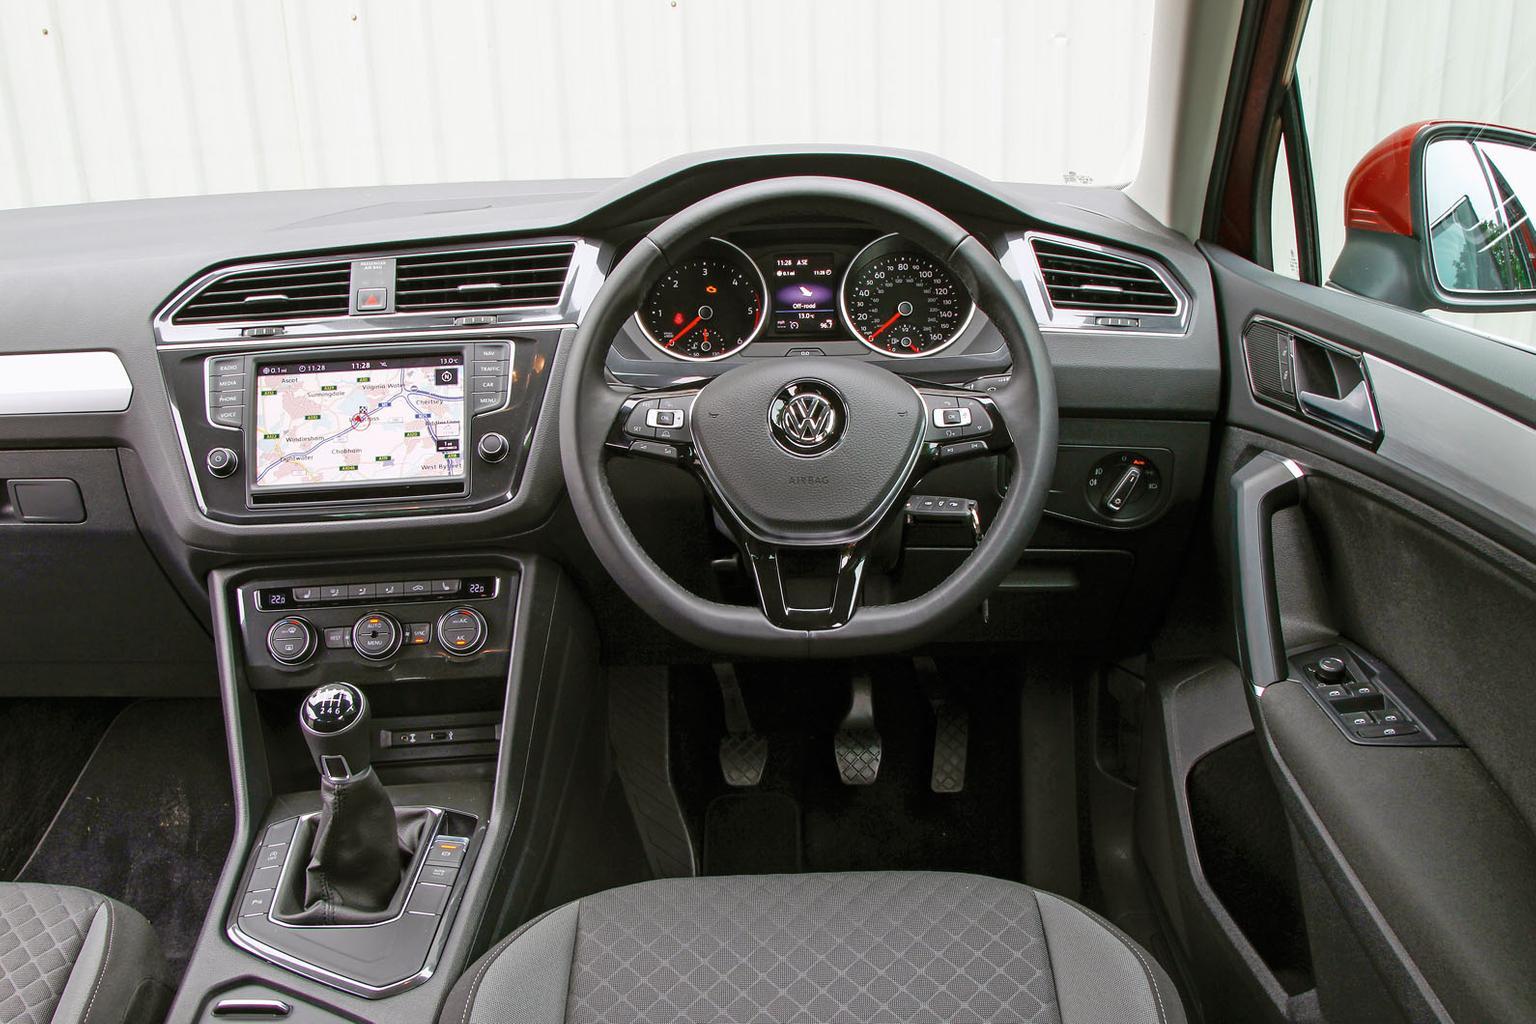 How to spec a Volkswagen Tiguan